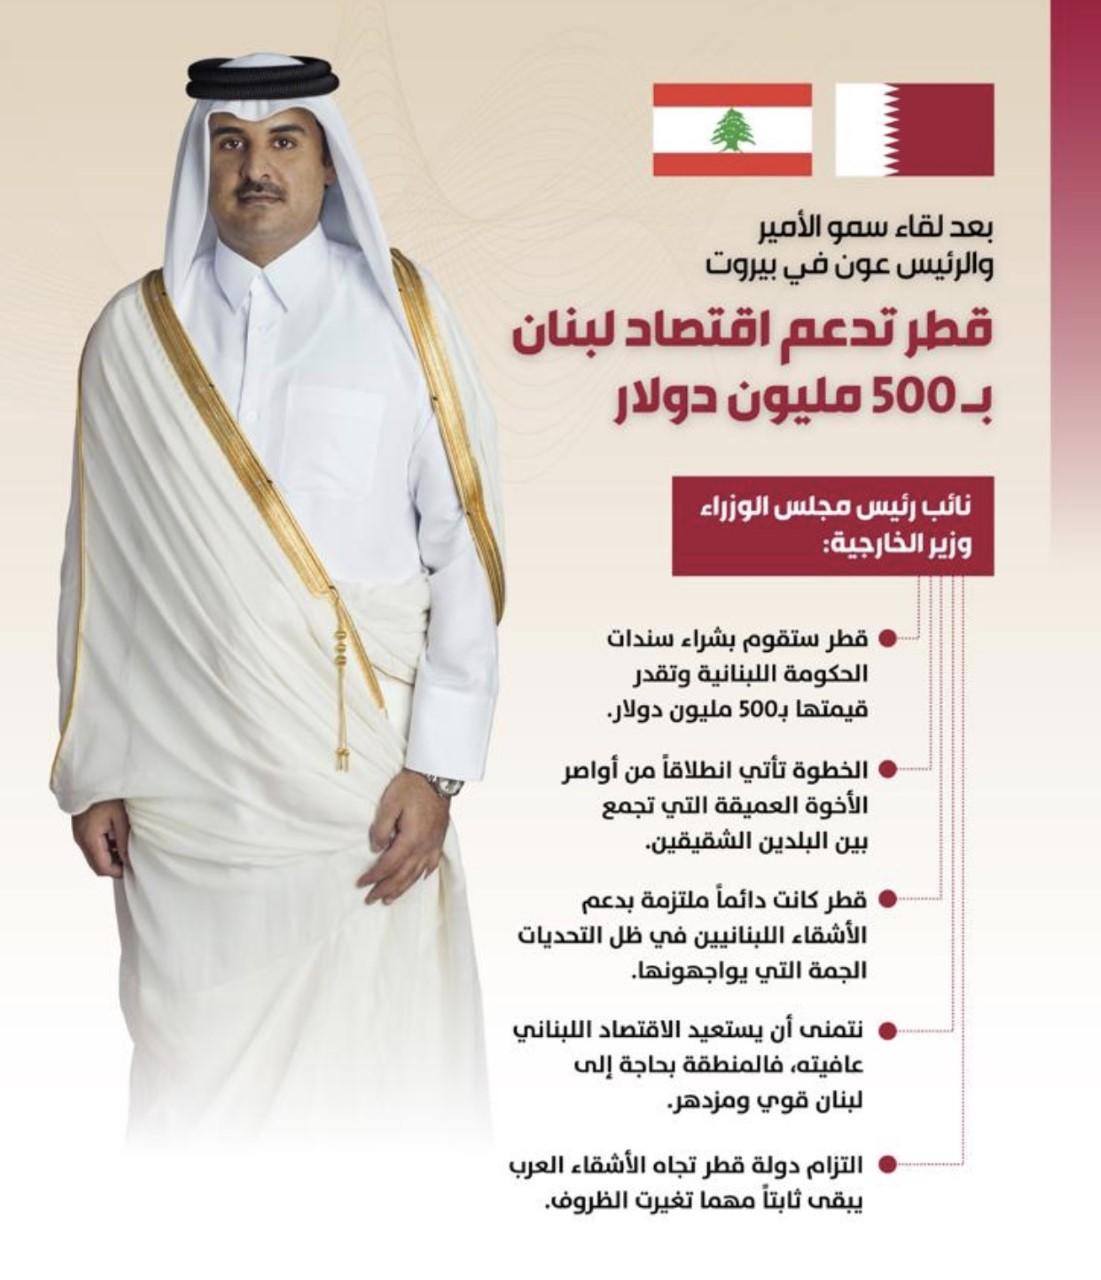 قطر تدعم الإقتصاد اللبناني وتشتري سندات حكومية بـ500 مليون دولار